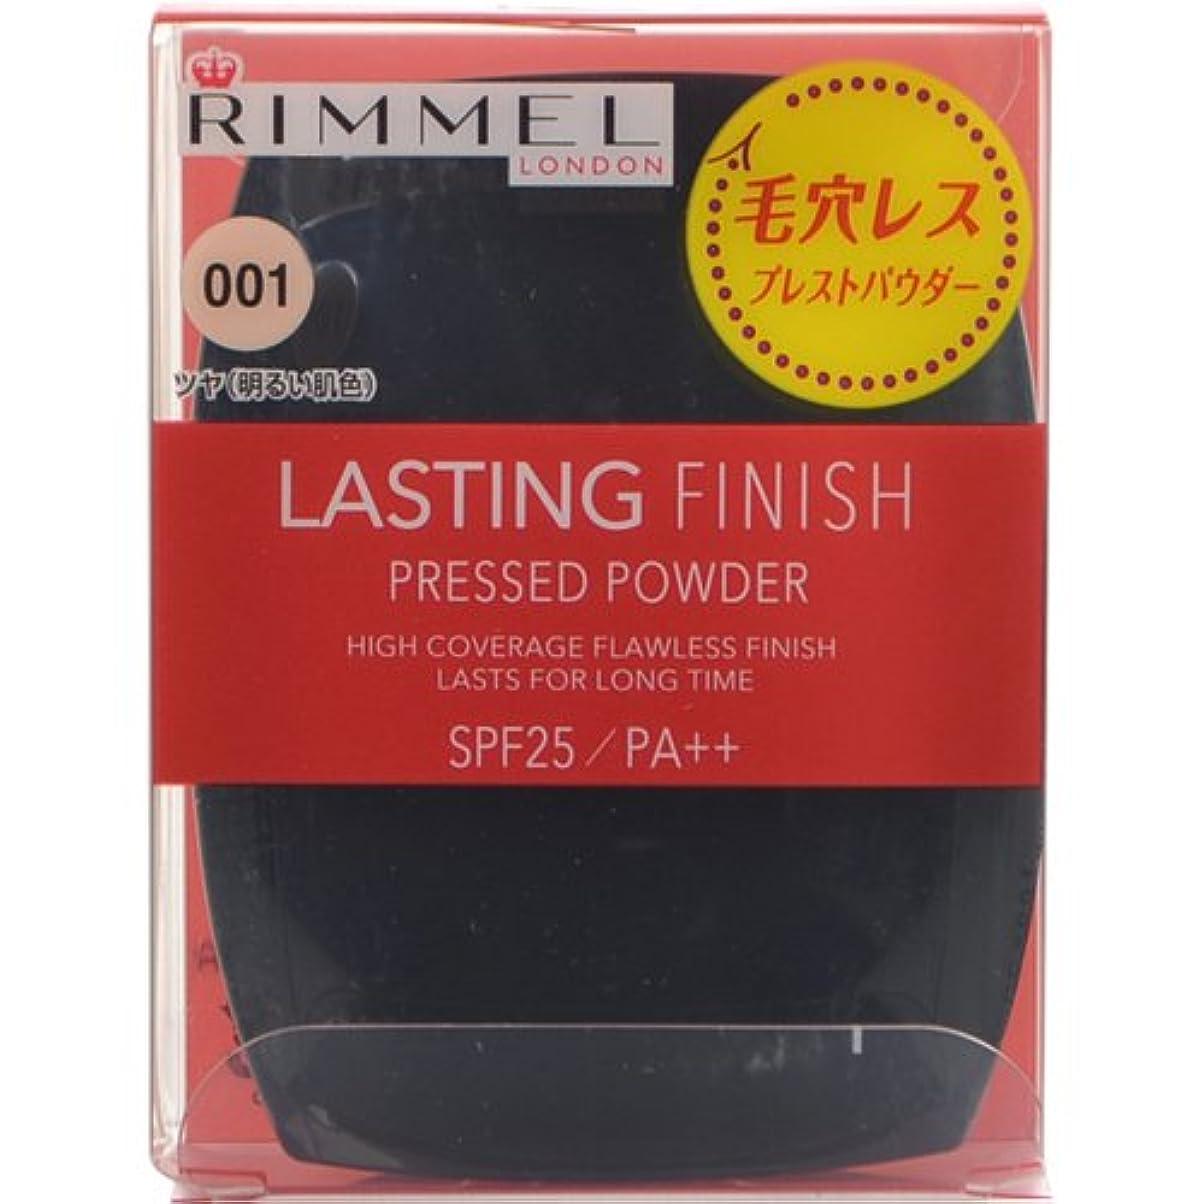 敵香港新しさリンメル ラスティングプレストパウダー001 明るい肌色ツヤ肌 7g SPF25・PA++